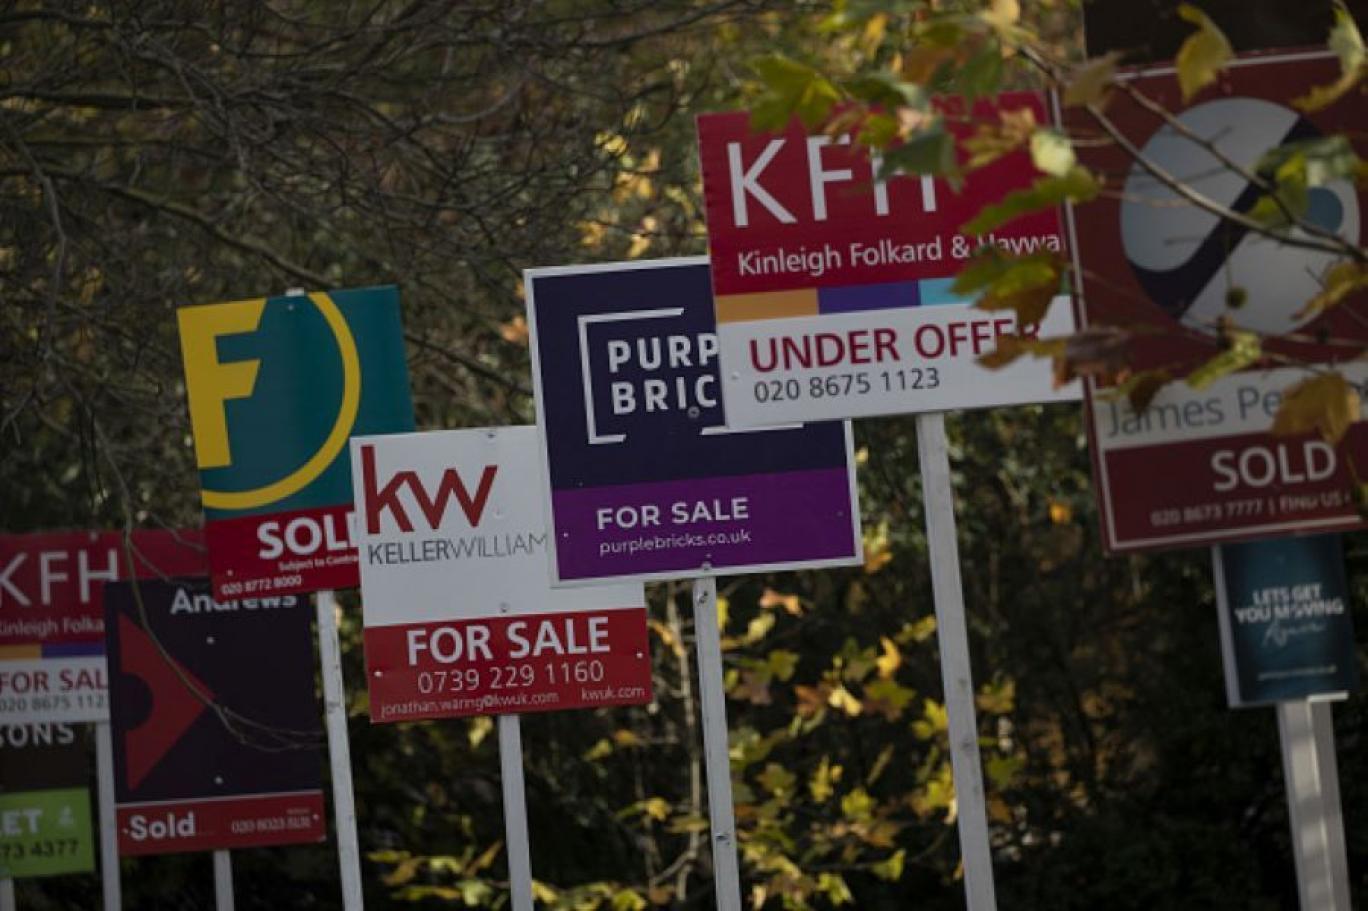 بريطانيا، عقارات لندن، بنوك بريطانية، التمويل العقاري، أسعار المساكن في بريطانيا، حربوشة نيوز ،حربوشة_نيوز